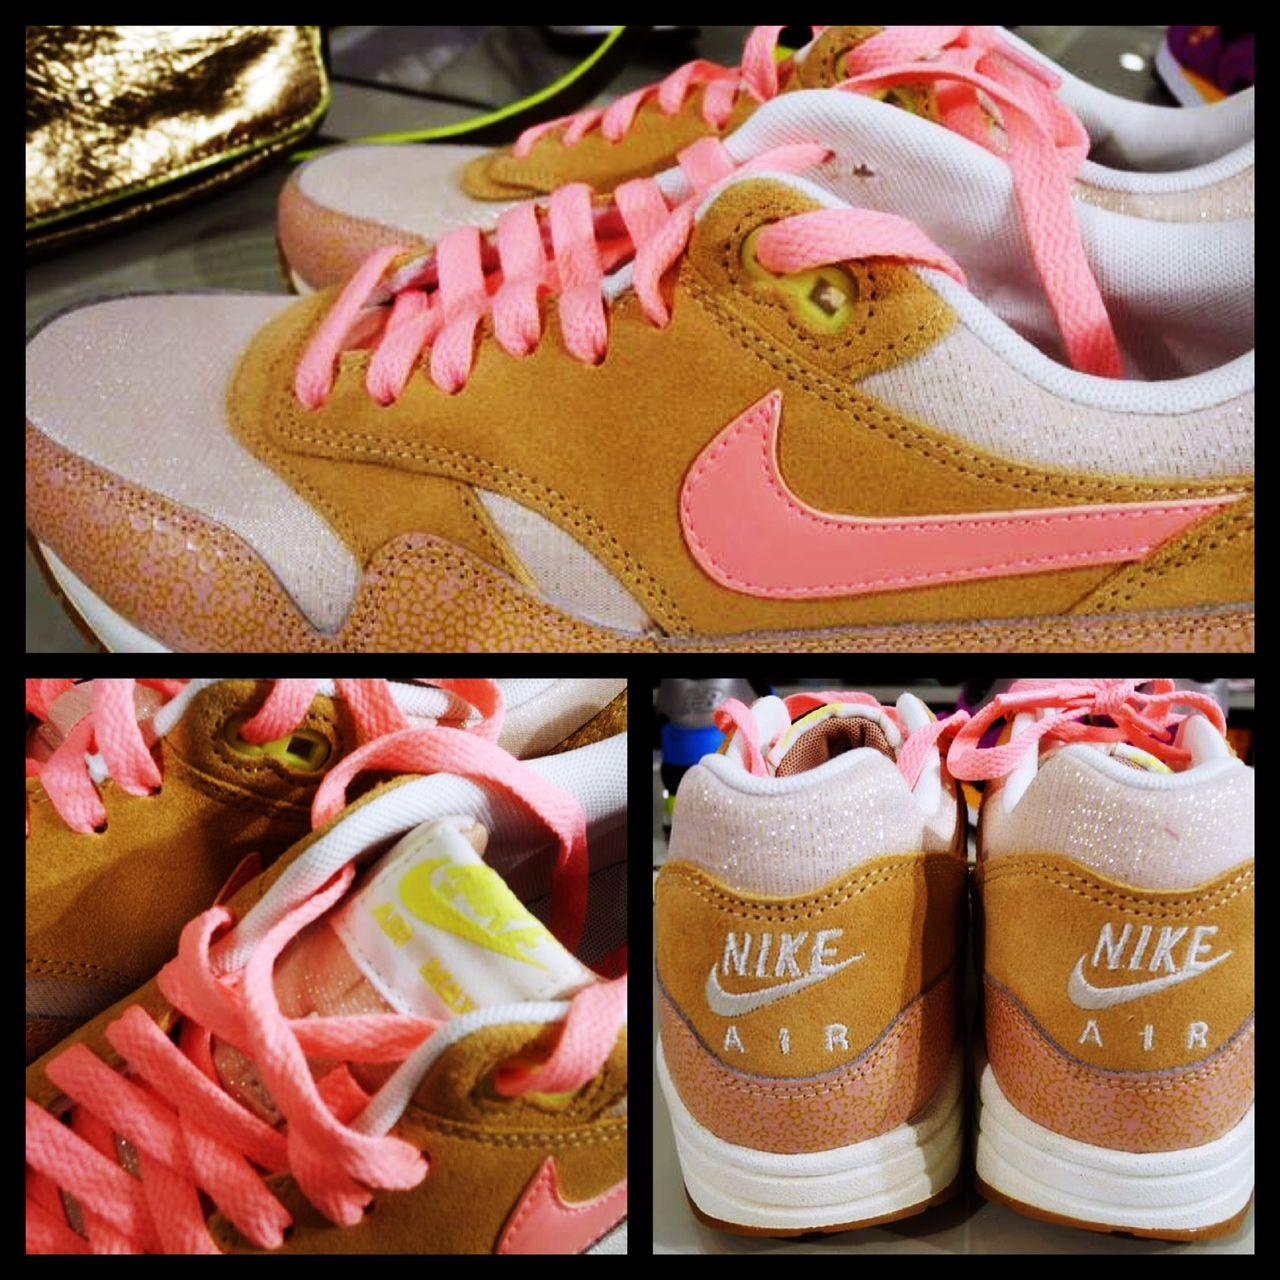 quality design d9e8d 93630 Rosa Nike Air Max, Online Outlet, Billiga sverige forsaljning fri frakt. Nike  Air Max 90 Herr, Nike Air Max Rosa, Online SPARA 65 REA, och gratis frakt.